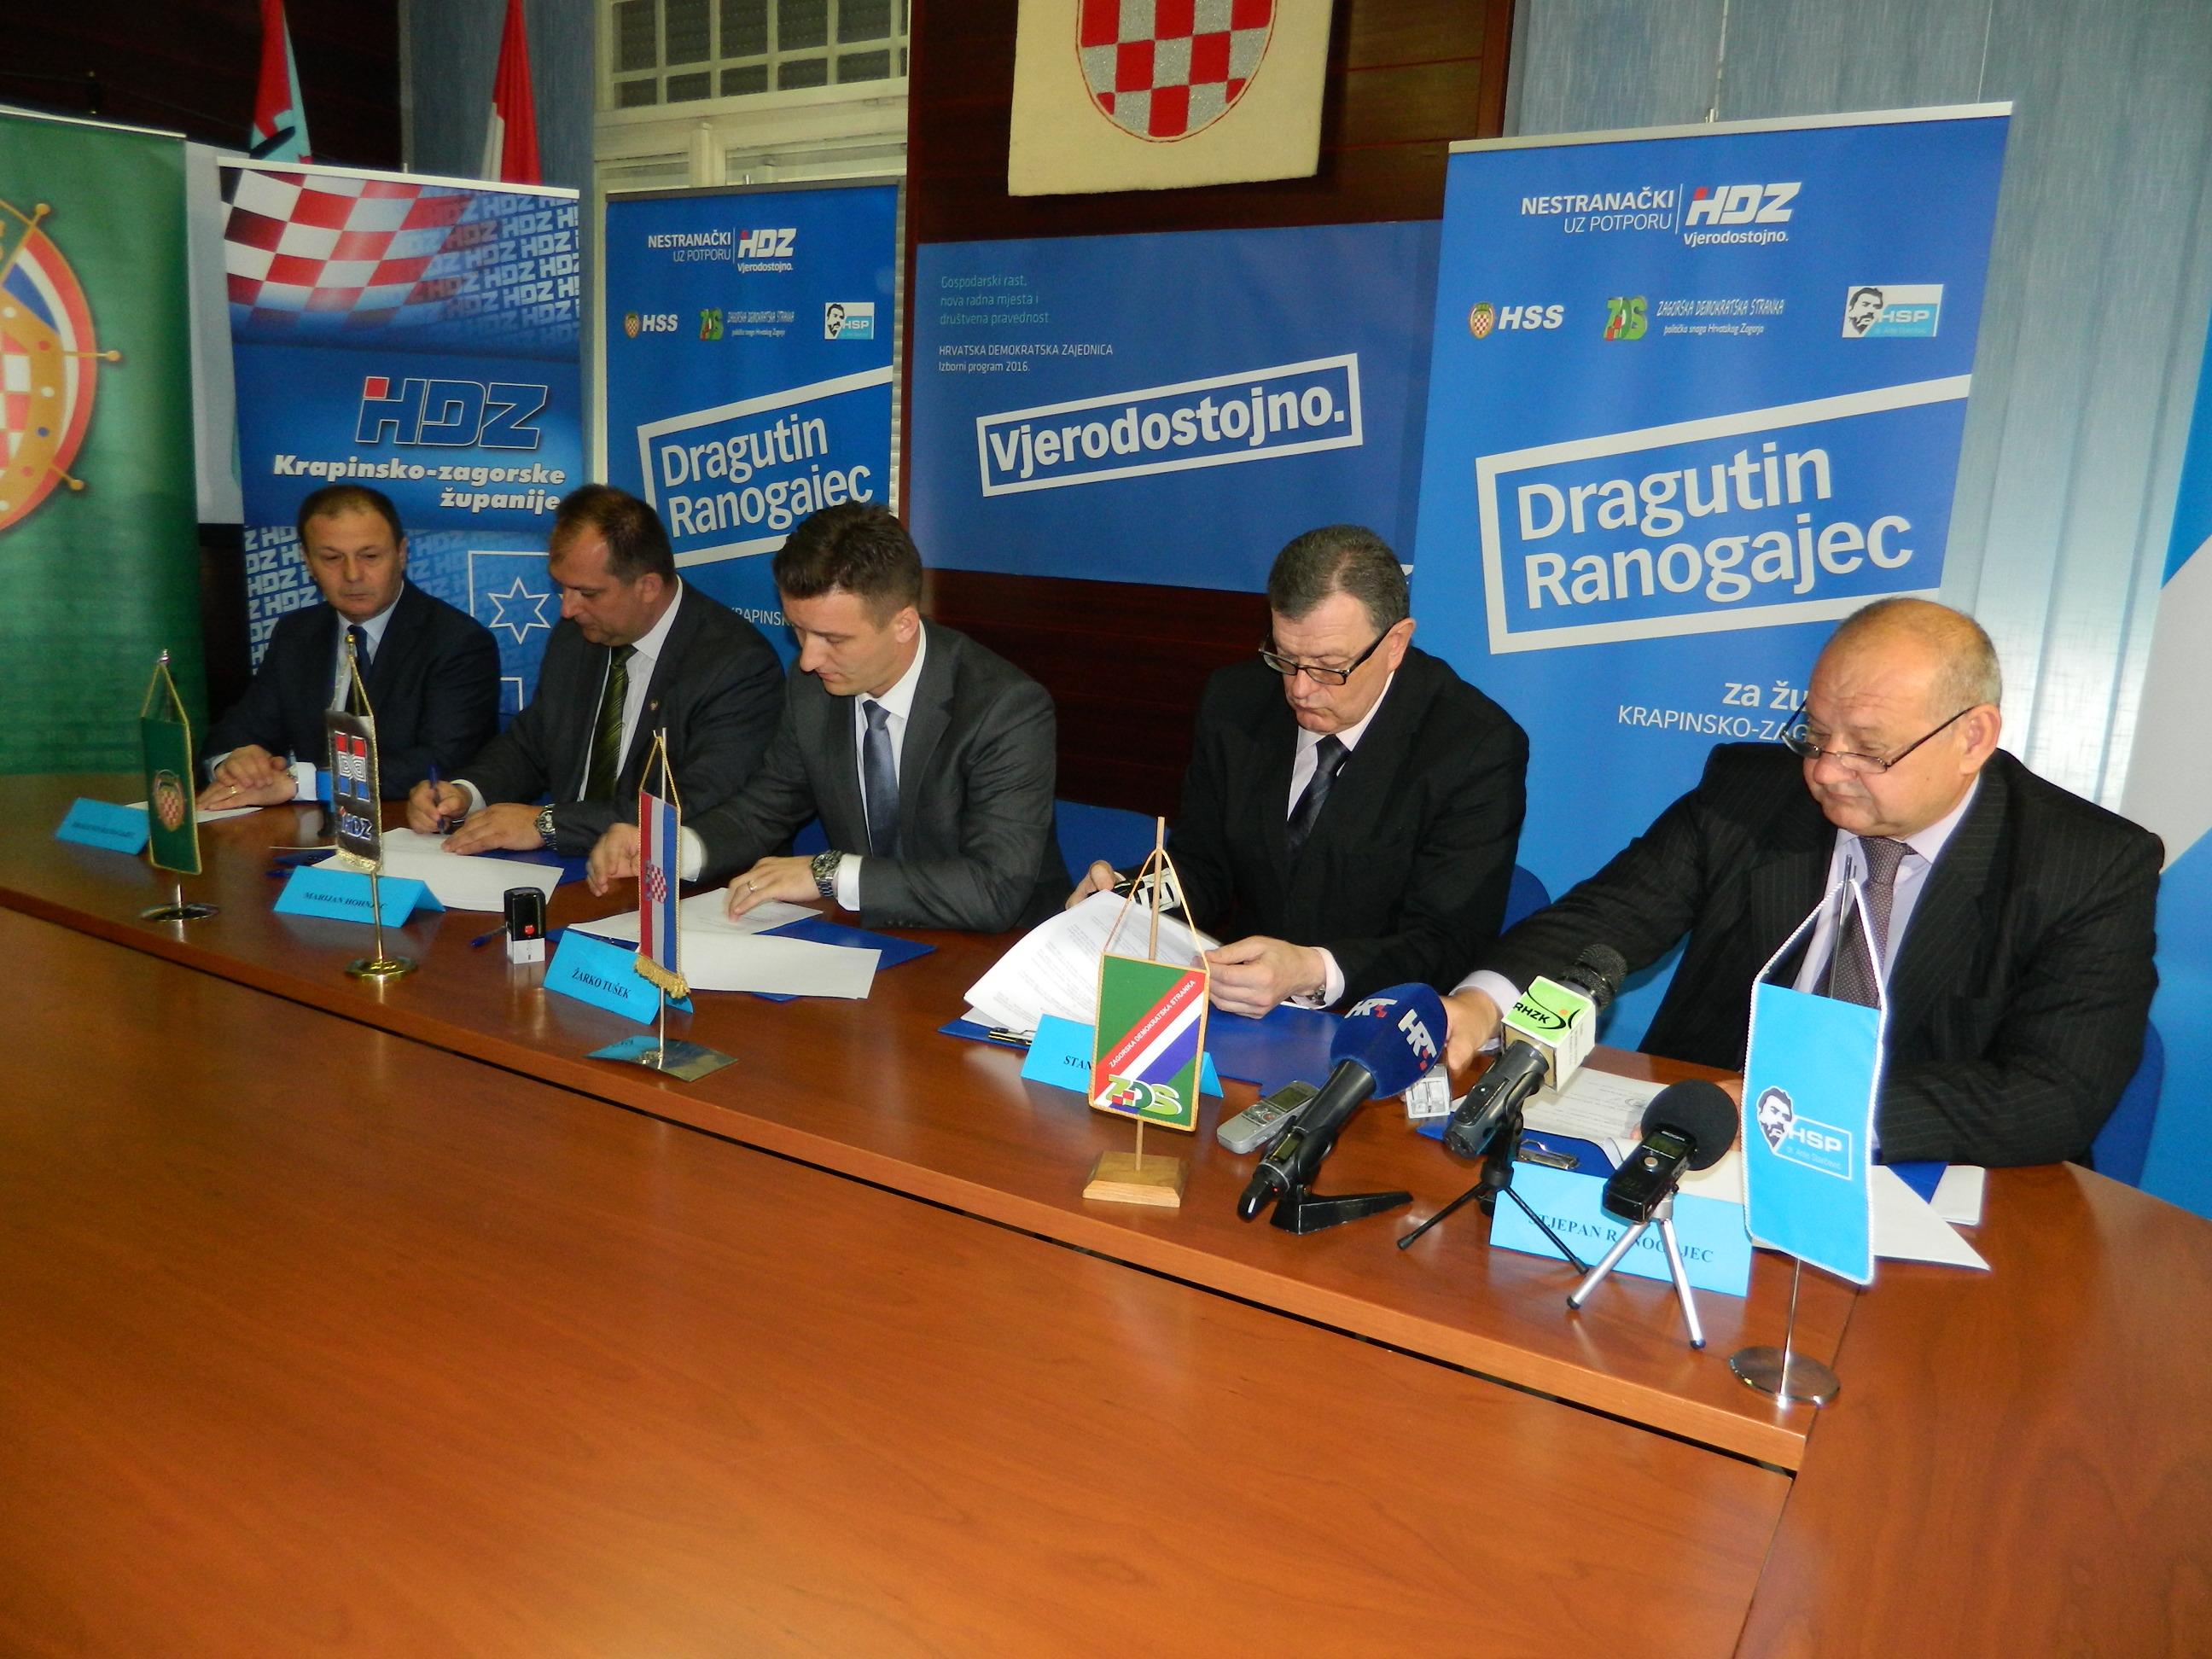 Tušek: S ovom županijskom vlasti zaostajemo za svim susjedima, želimo Zagorje pretvoriti u najmoderniju regiju